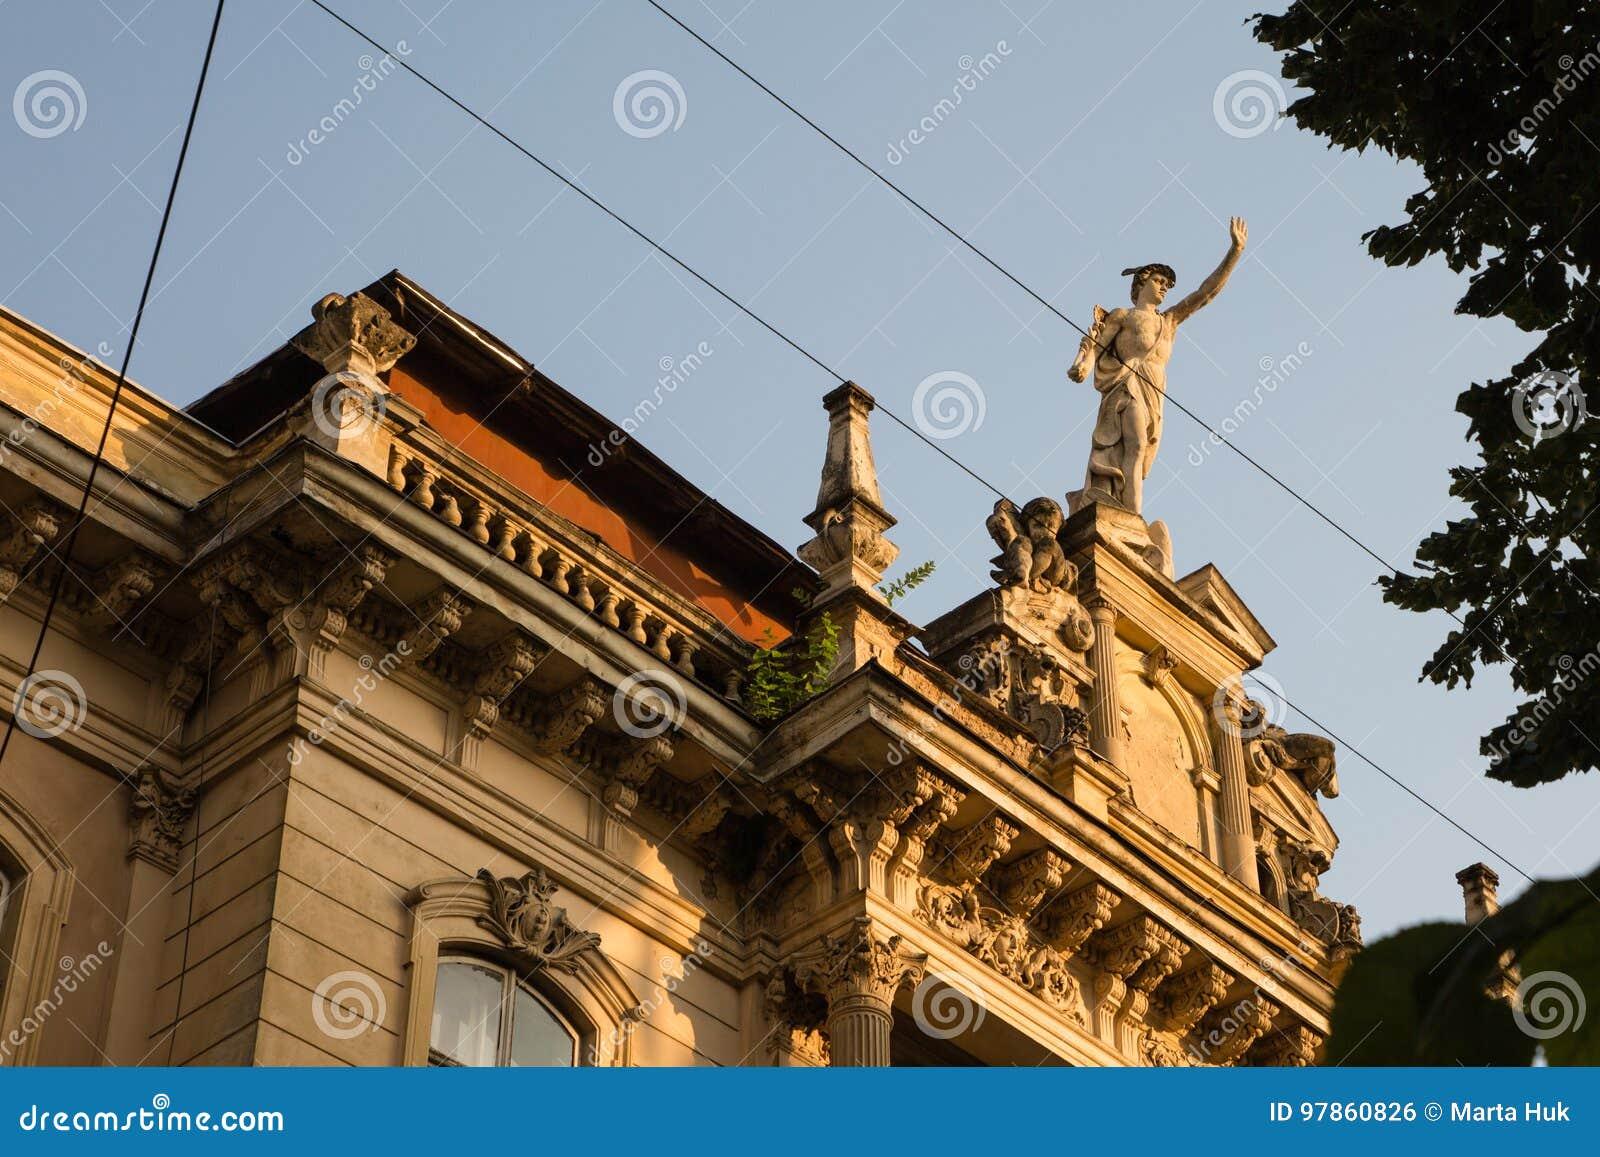 Статуя Меркурия - главного римского бога стоя на фасаде здания